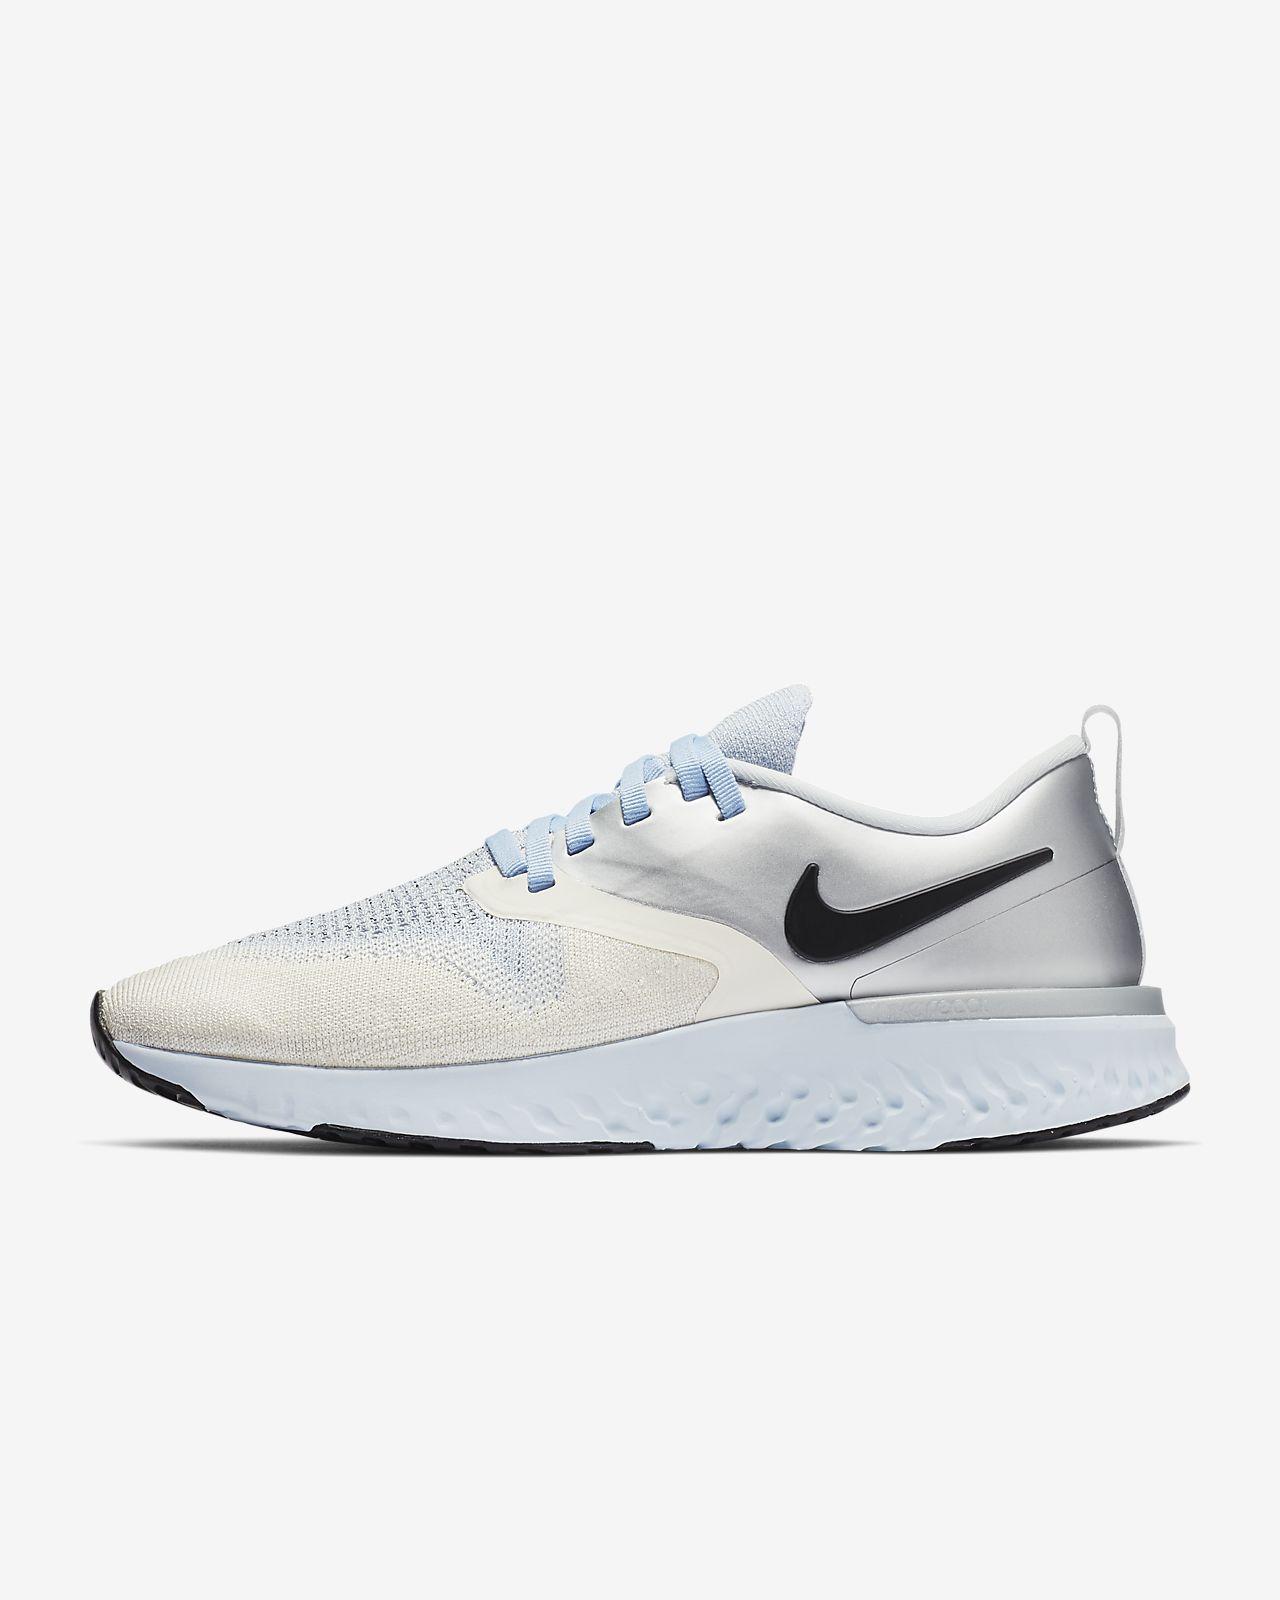 Γυναικείο παπούτσι για τρέξιμο Nike Odyssey React Flyknit 2 Premium